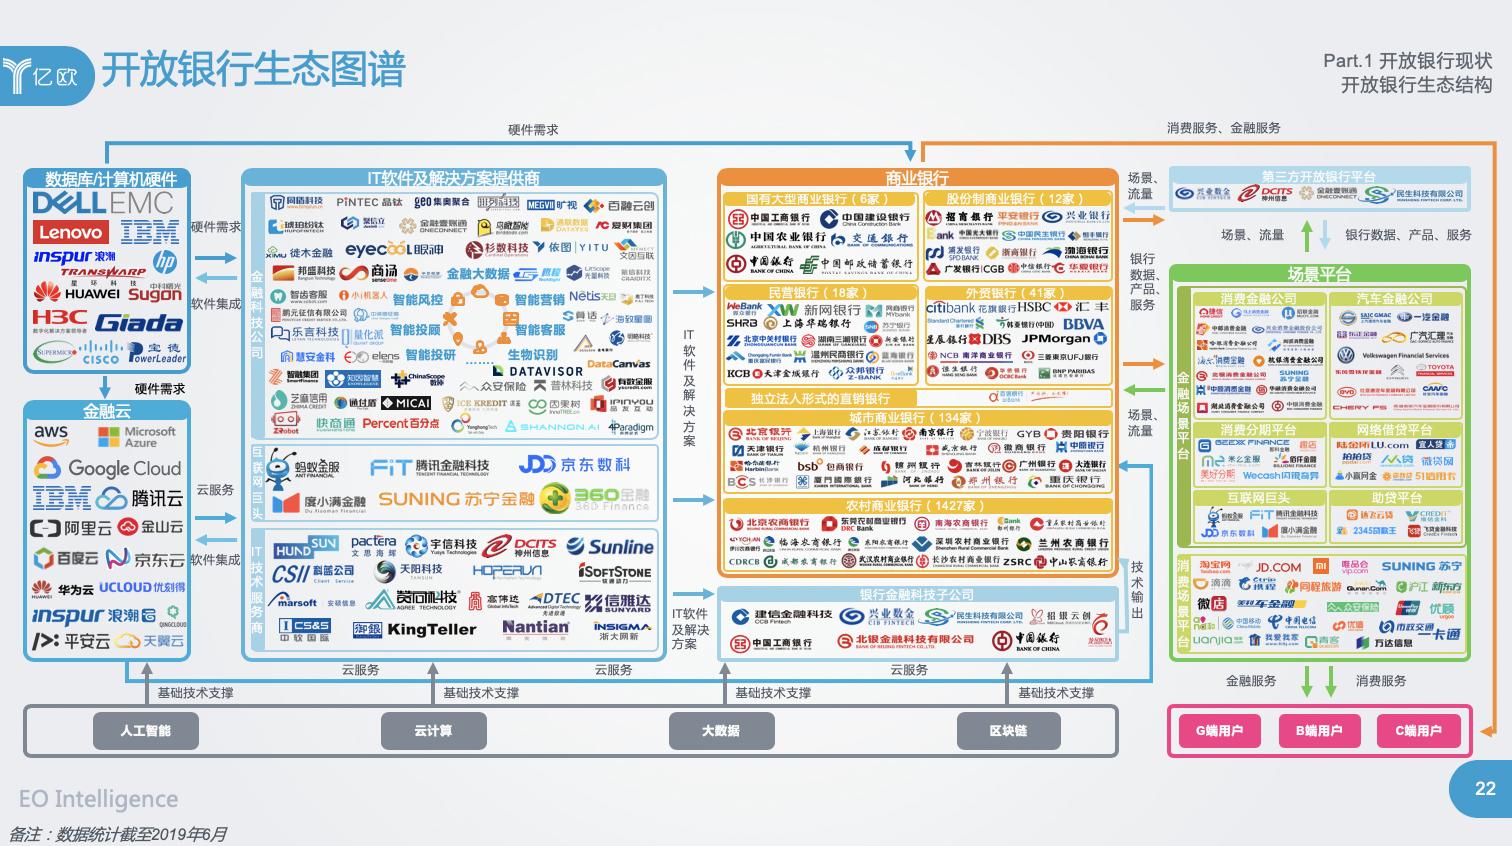 億歐智庫:開放銀行生態圖譜